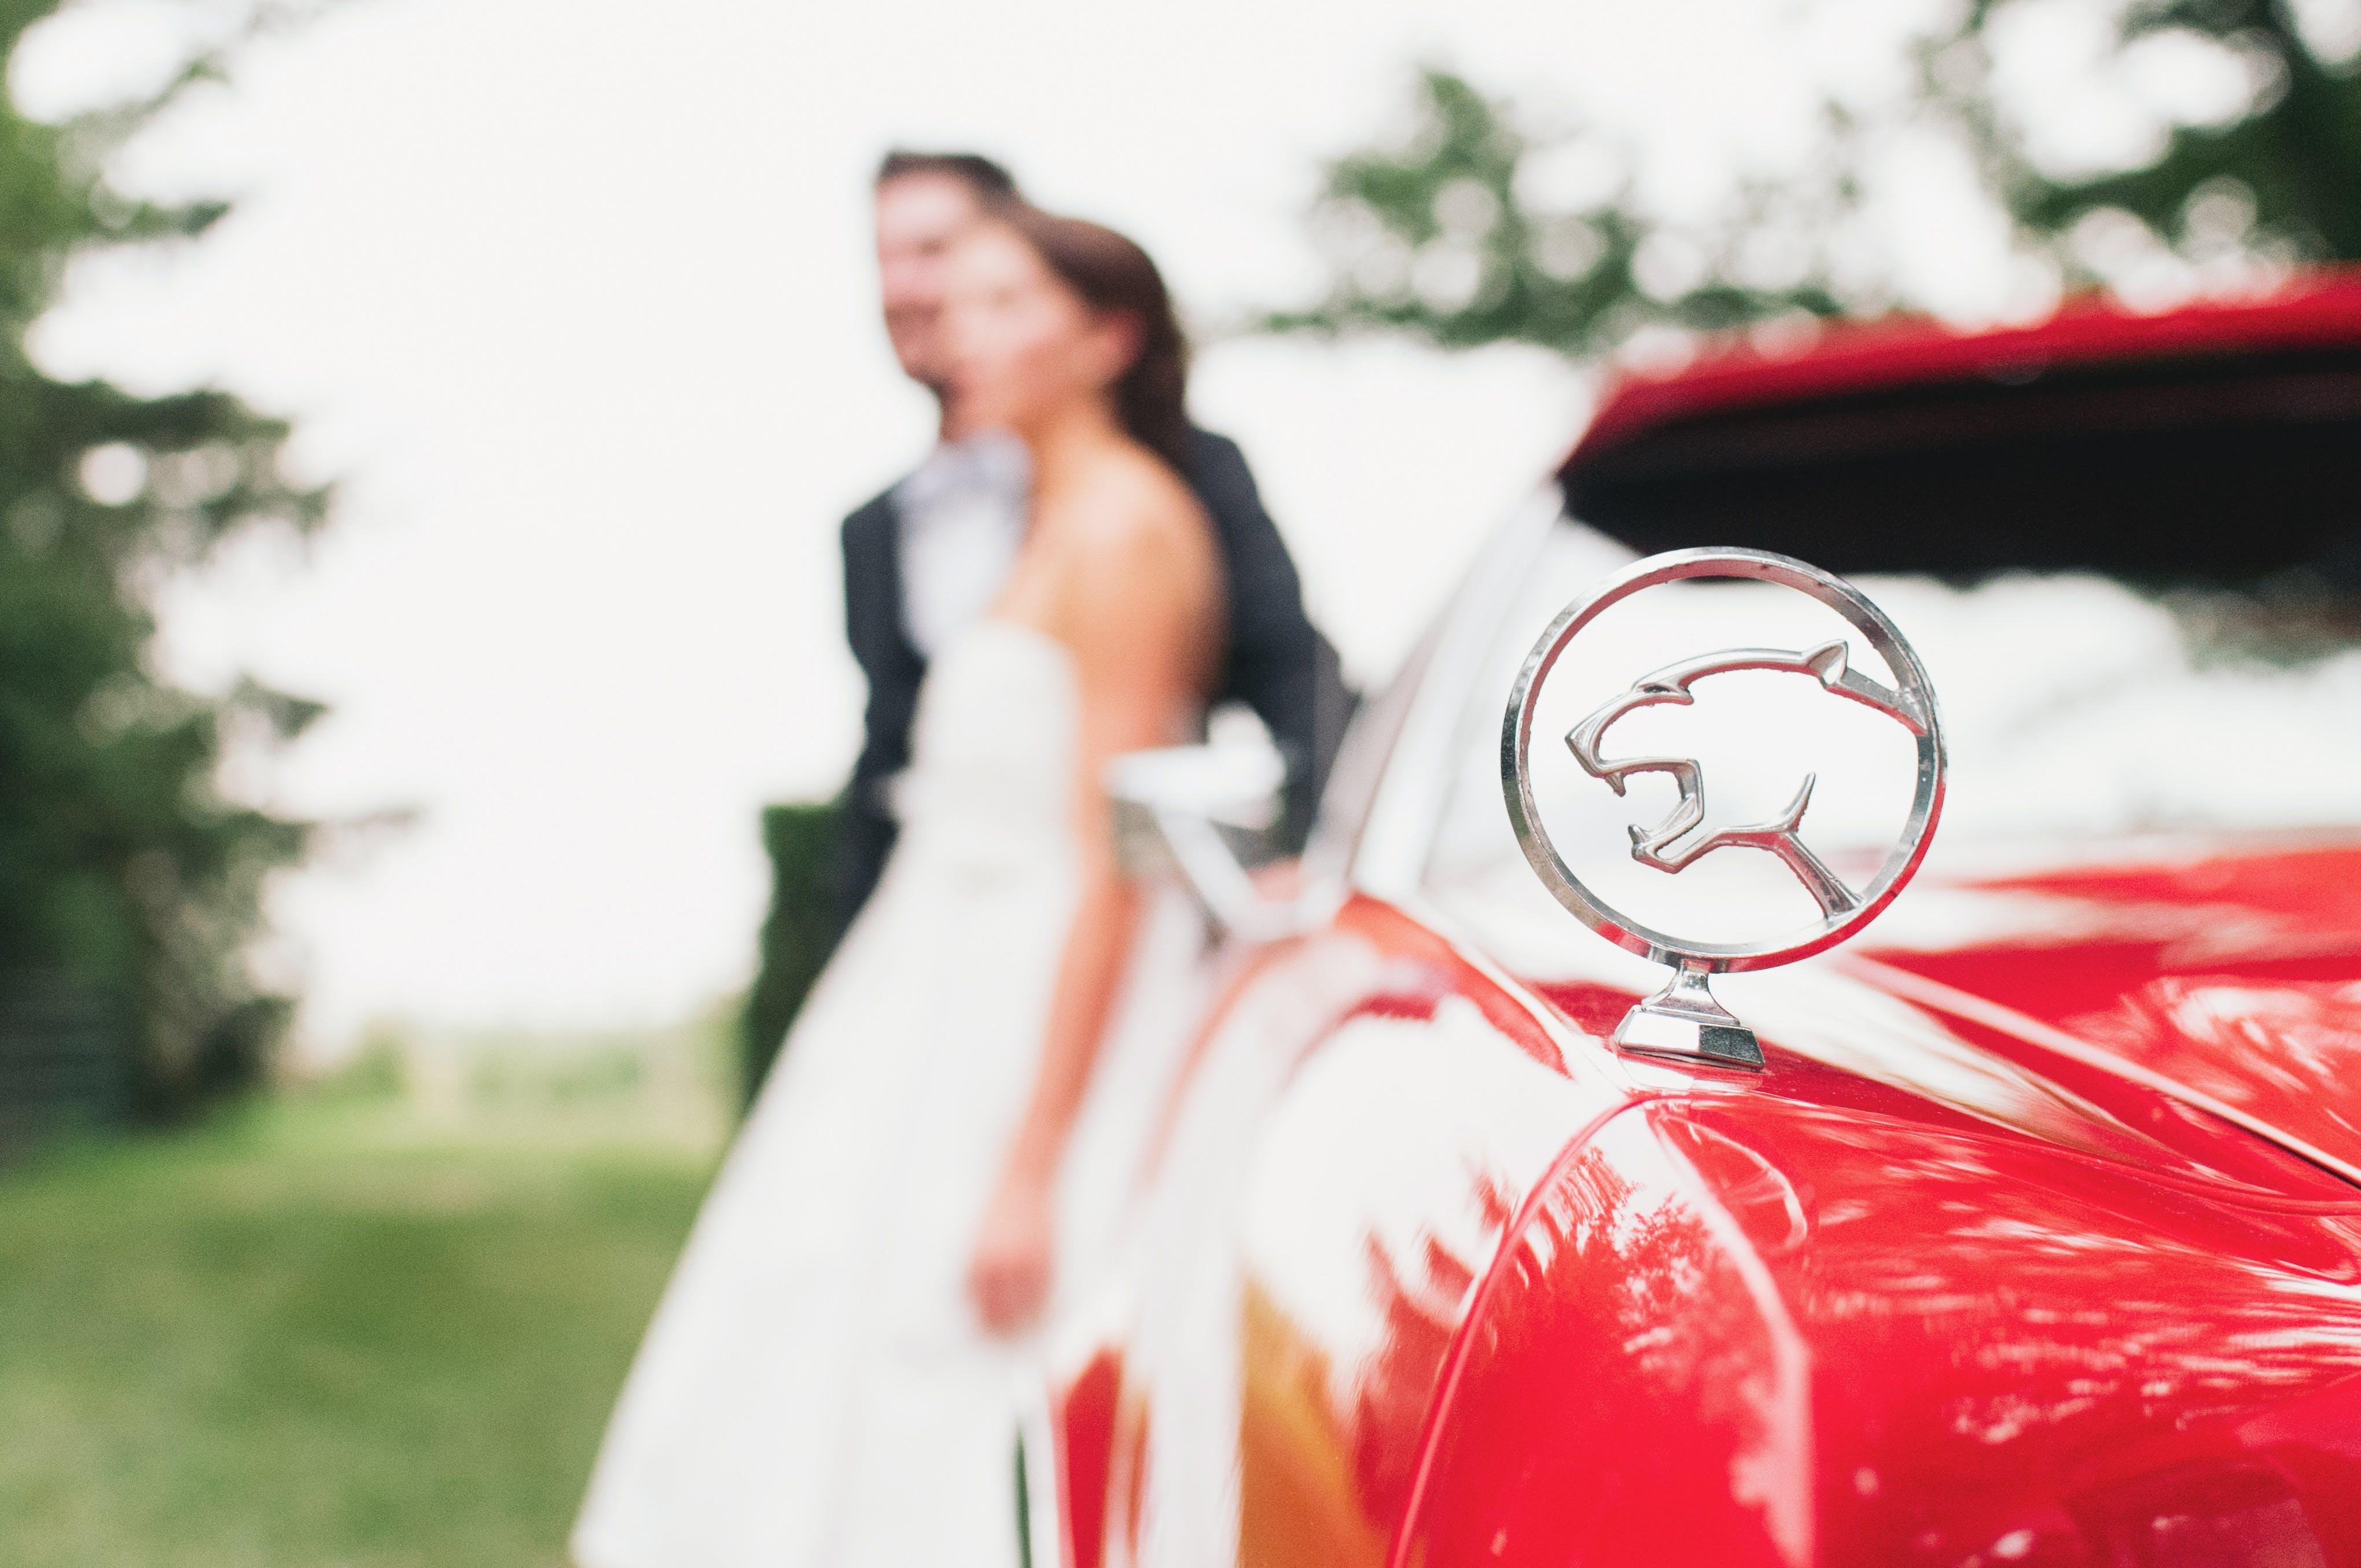 of bride, Bride and Groom, bridge, car